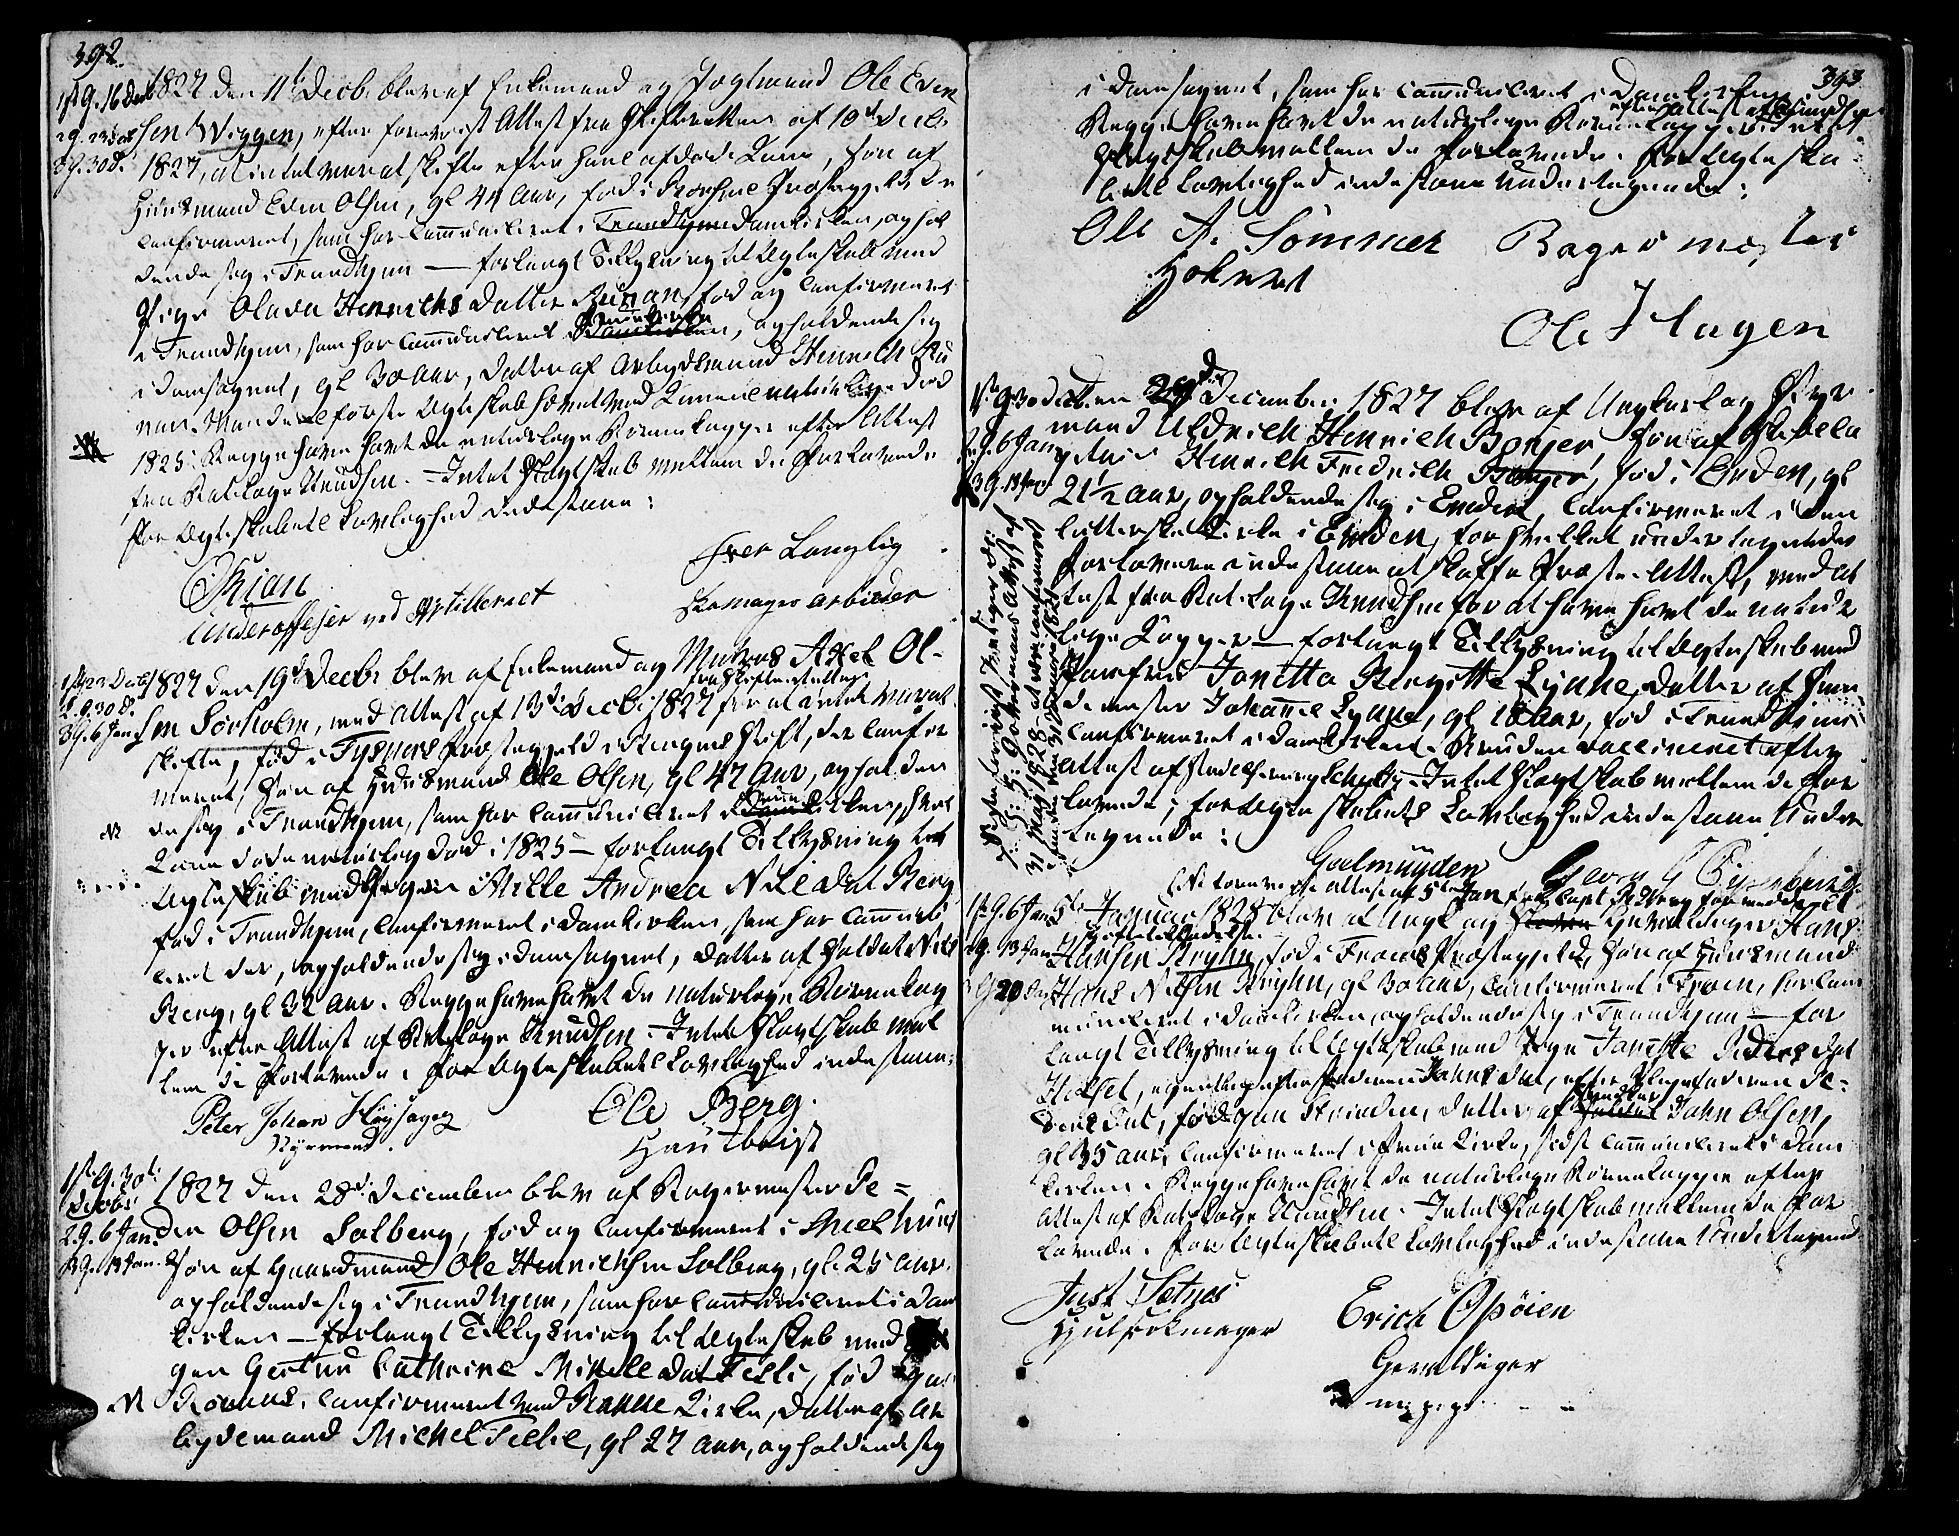 SAT, Ministerialprotokoller, klokkerbøker og fødselsregistre - Sør-Trøndelag, 601/L0042: Ministerialbok nr. 601A10, 1802-1830, s. 392-393